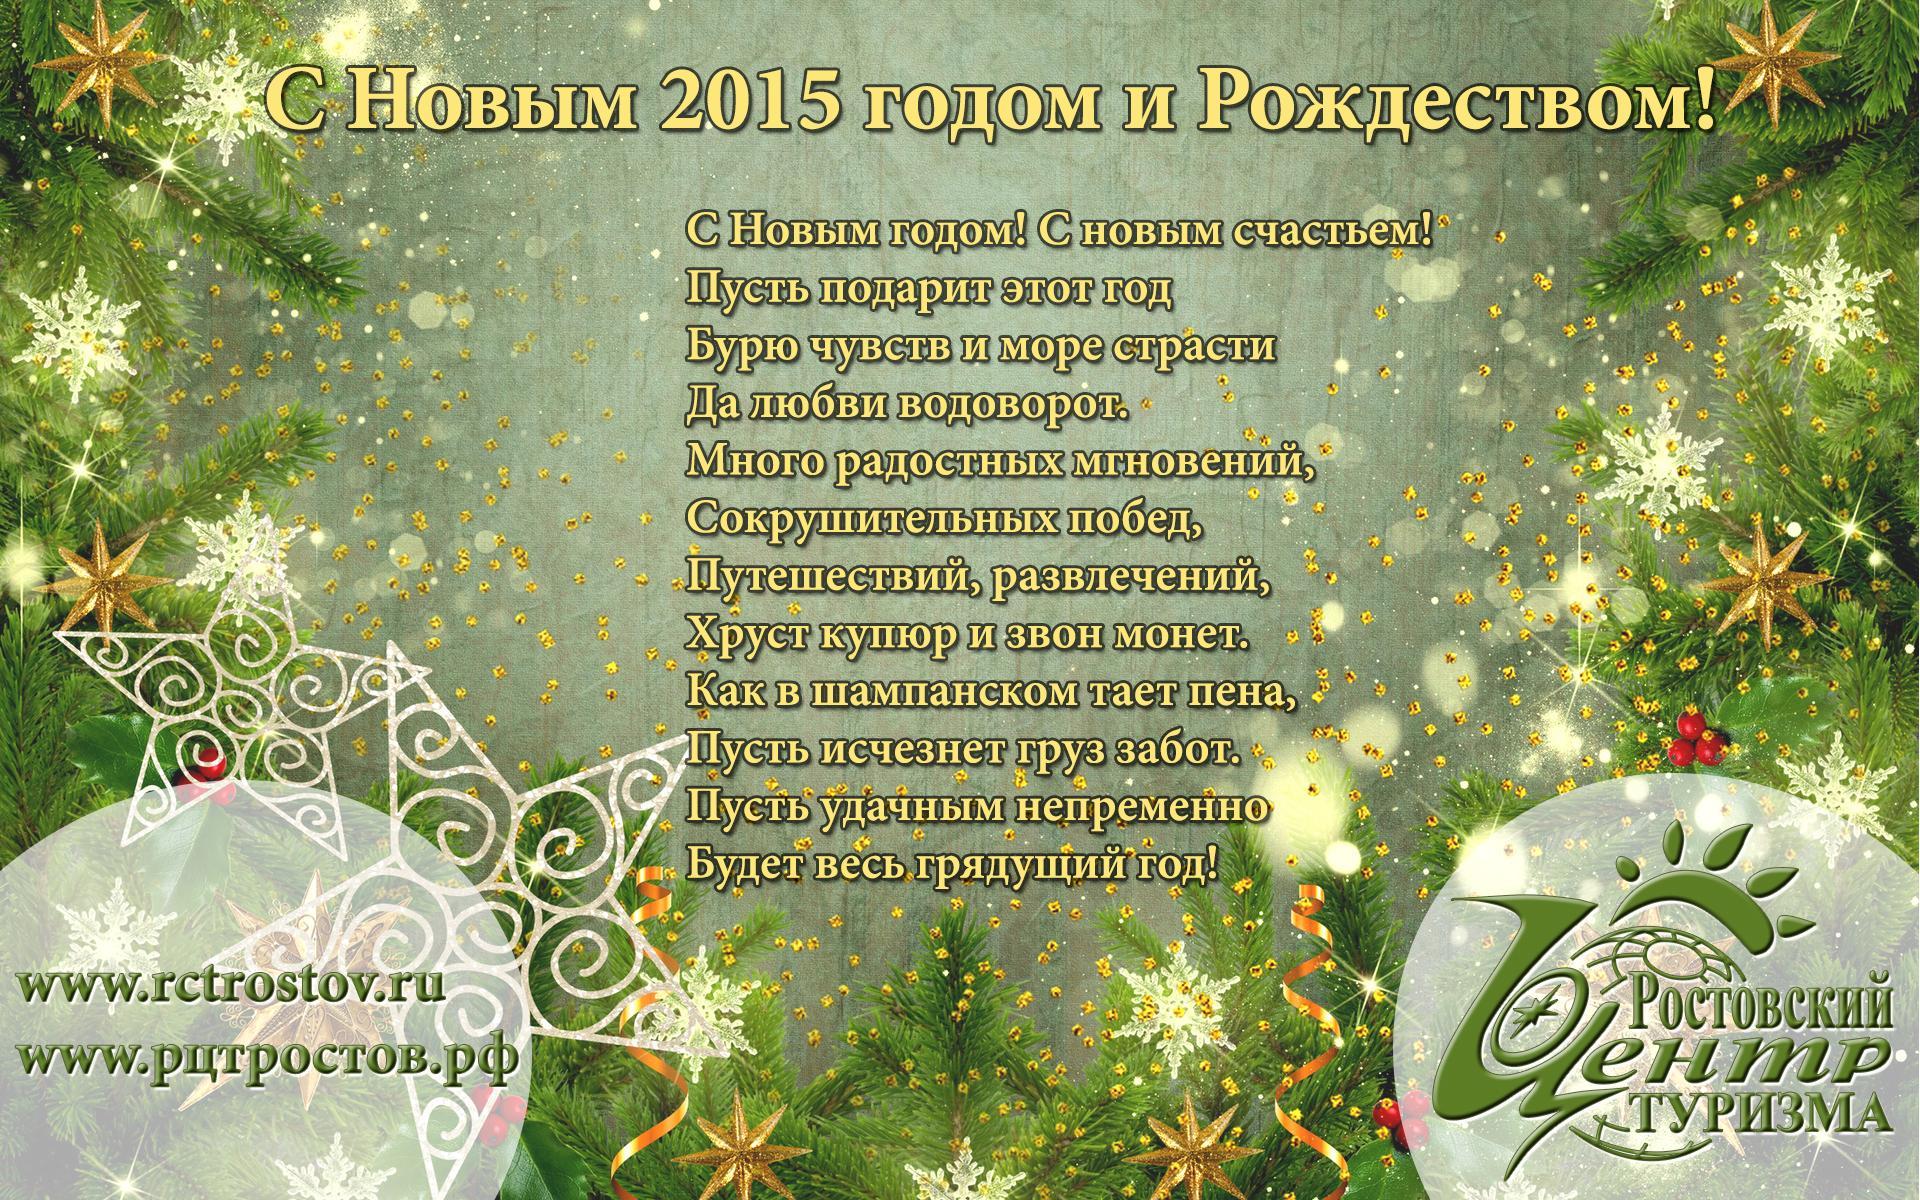 поздравление туристам с новым годом скупщиков предлагает